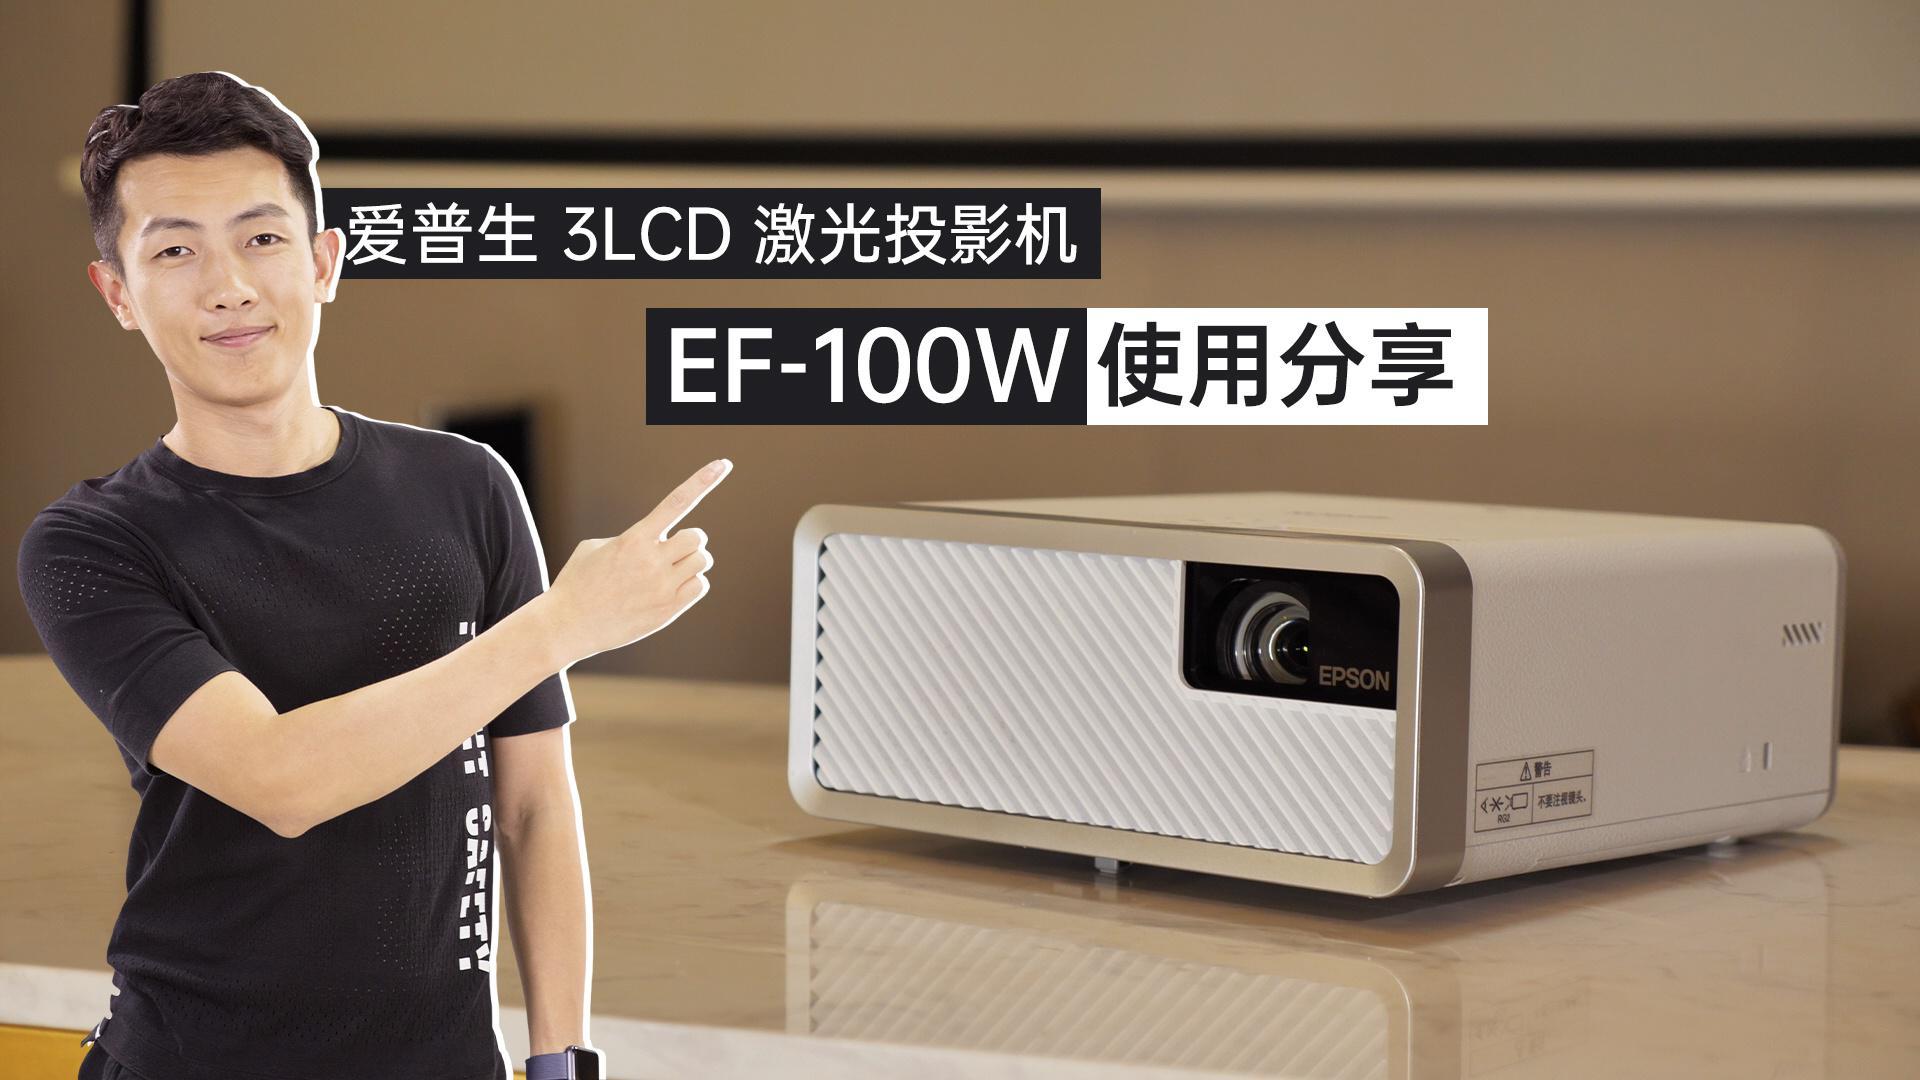 爱普生激光 3LCD 智能投影机 EF-100W 体验分享